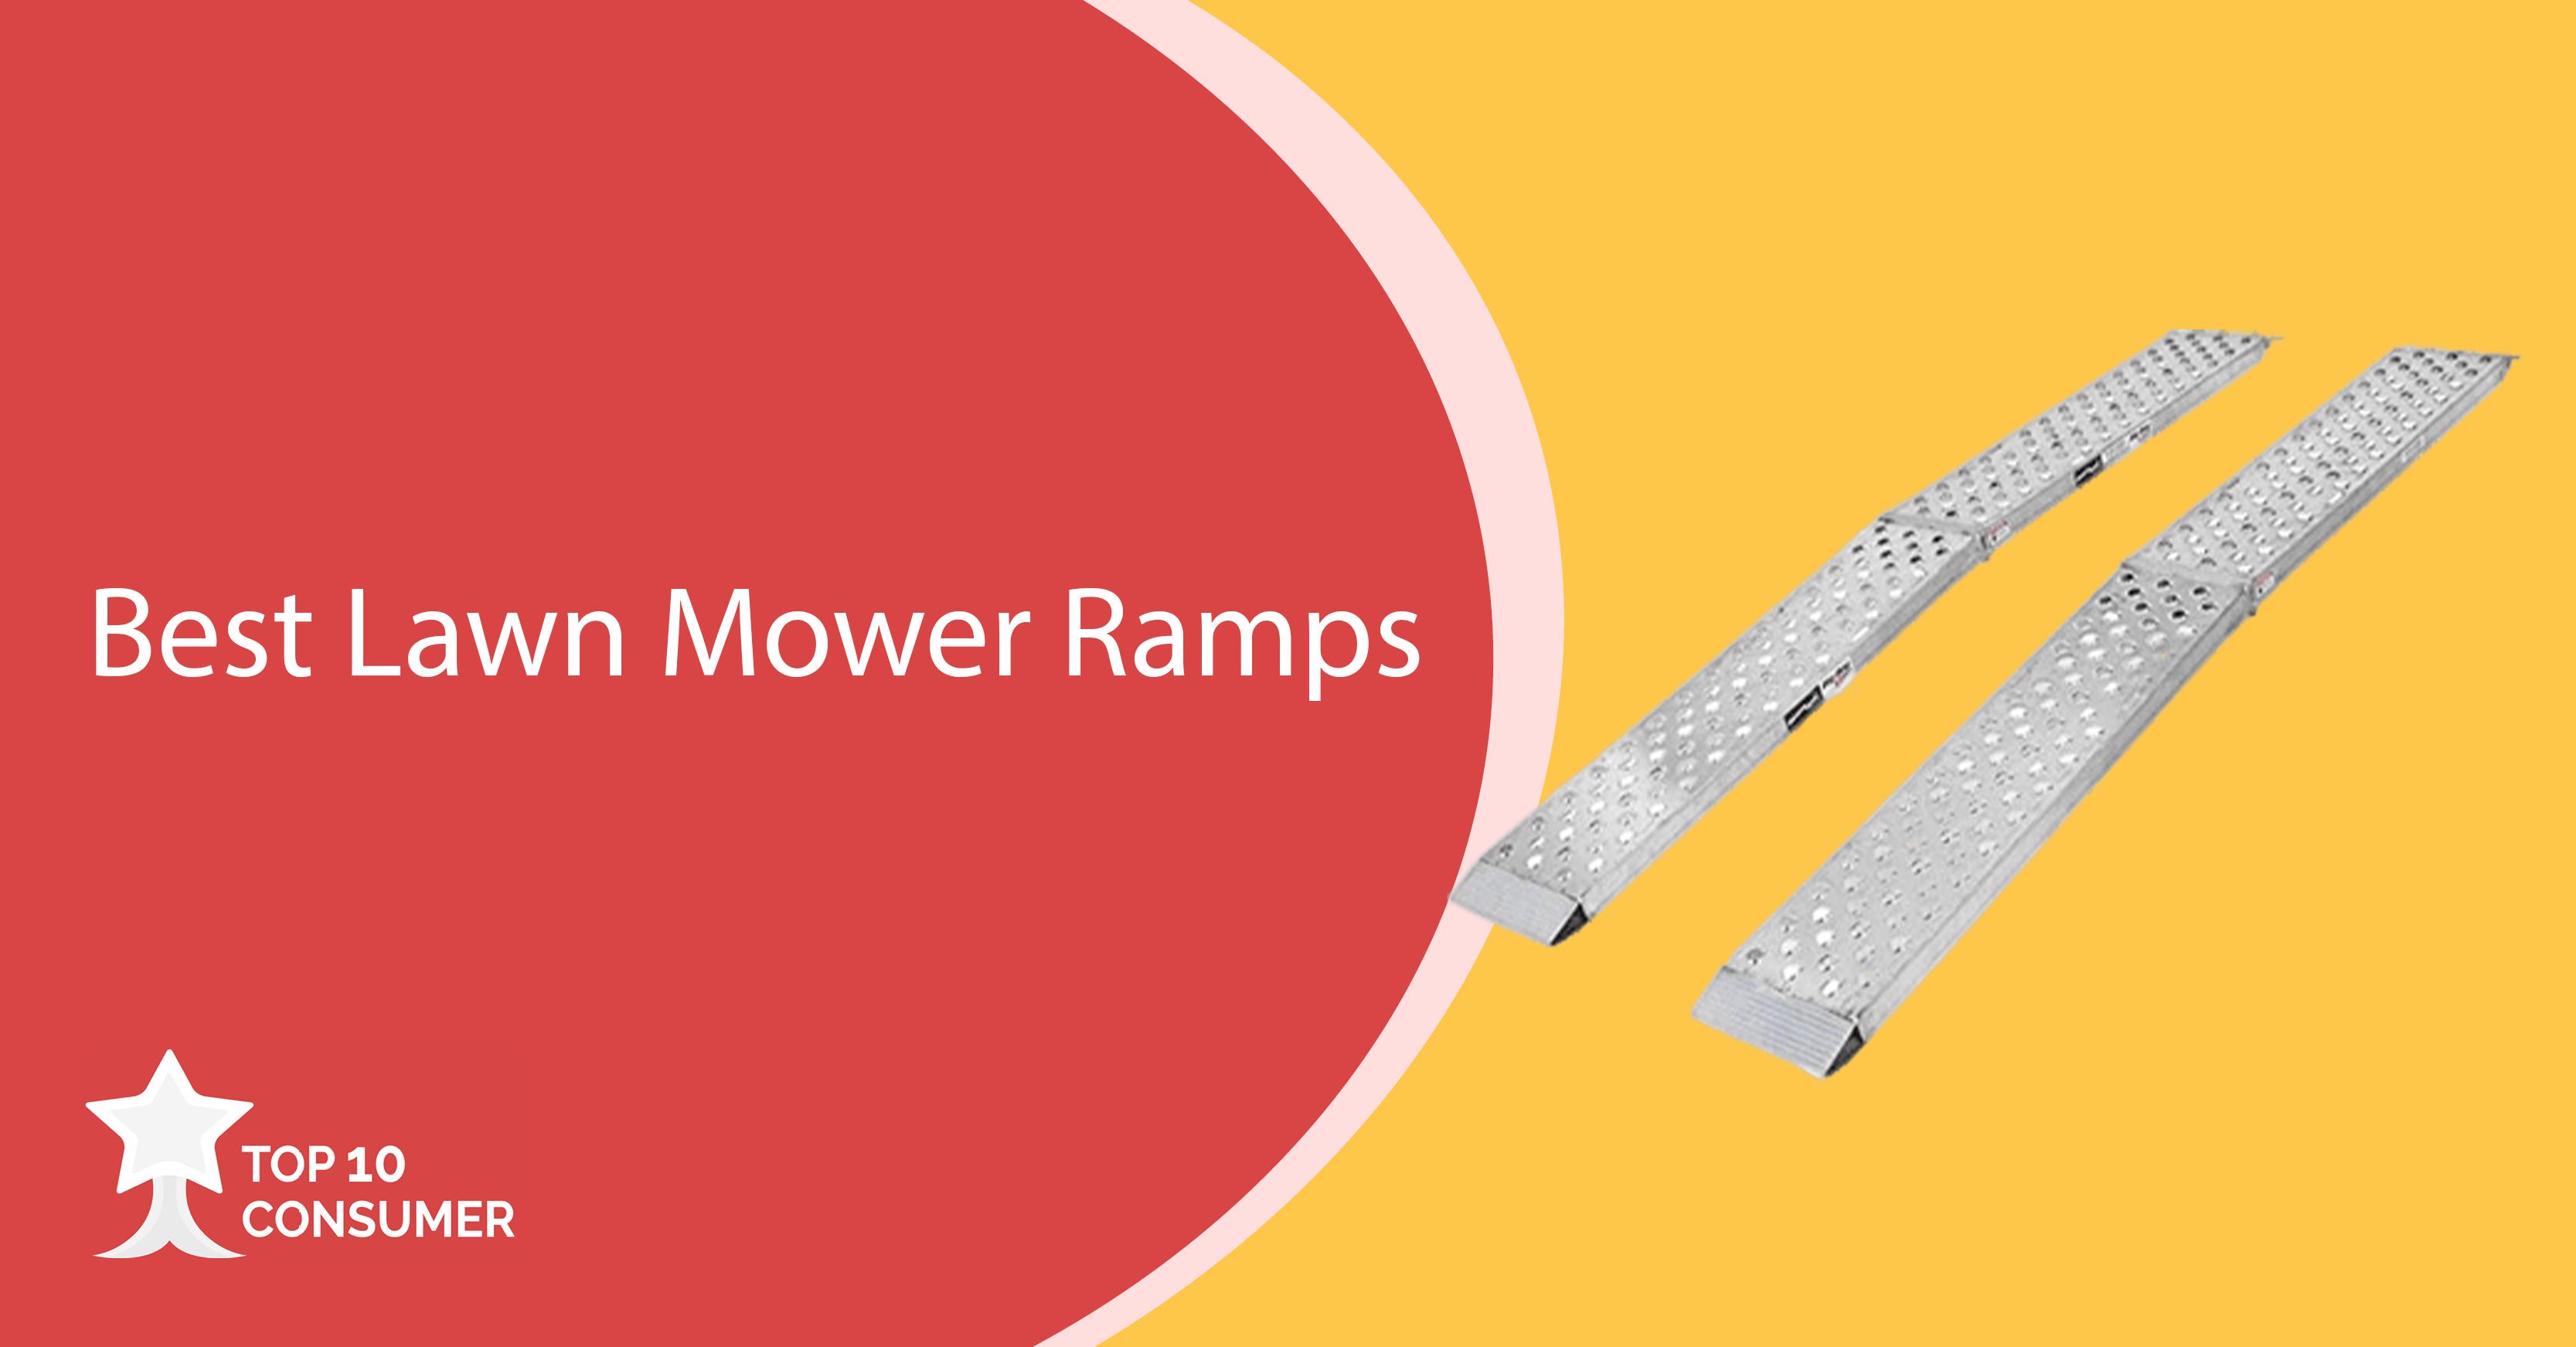 Best Lawn Mower Ramps